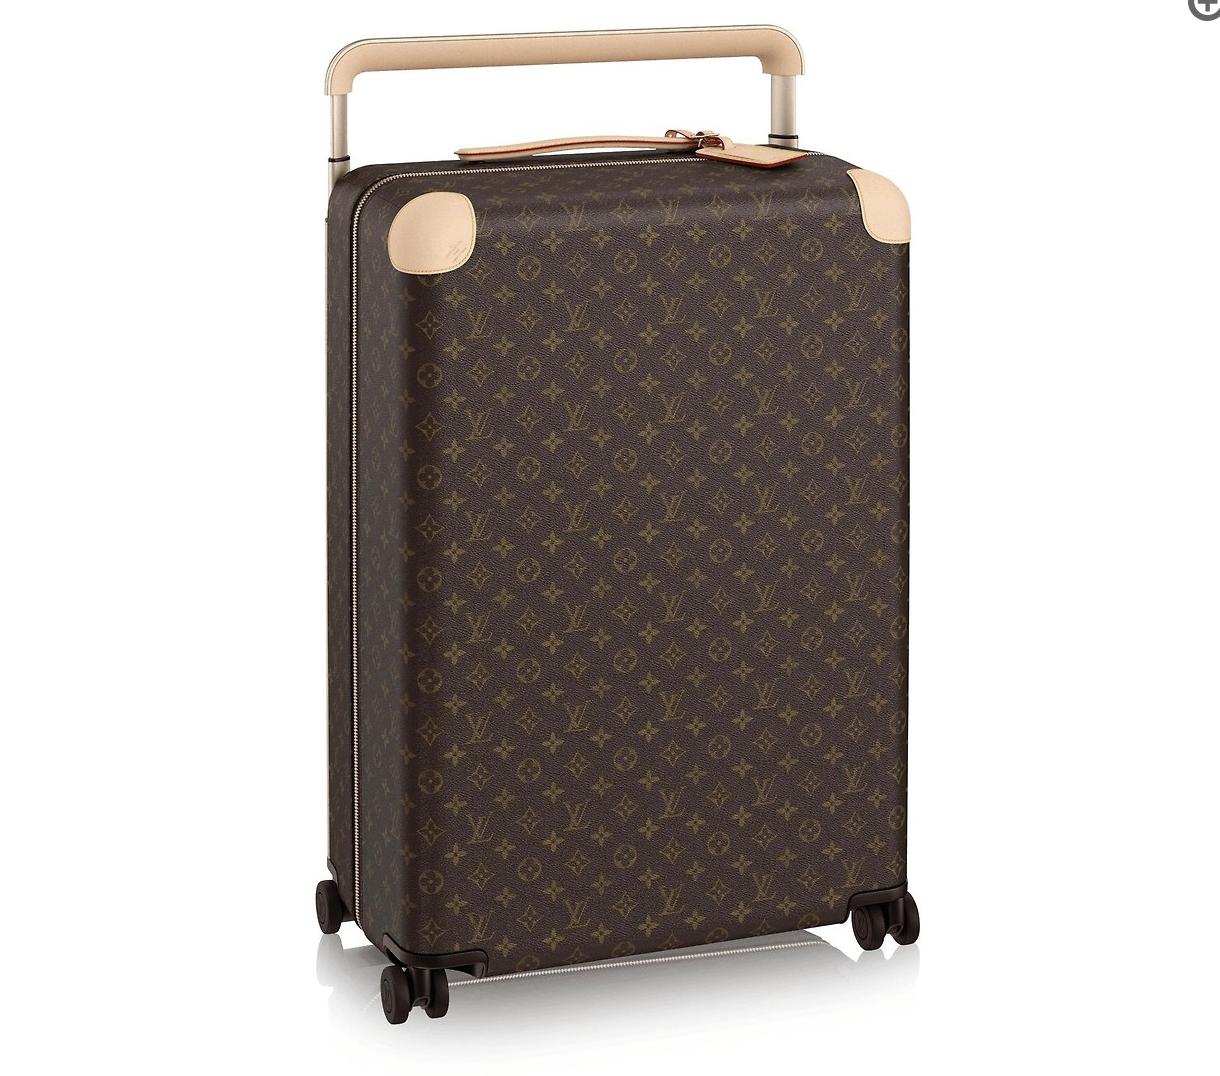 ルイ・ヴィトンのモノグラムがデザインされたスーツケース